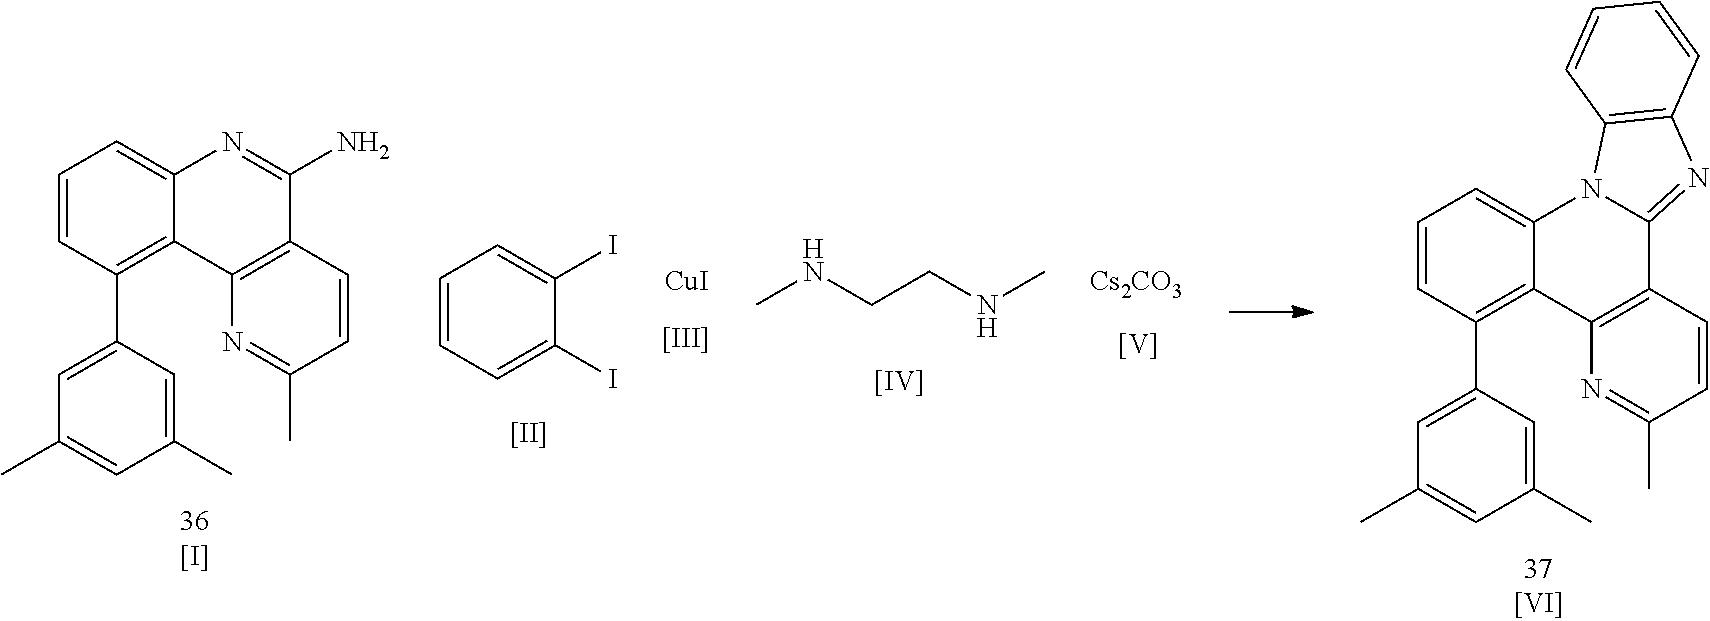 Figure US09905785-20180227-C00413